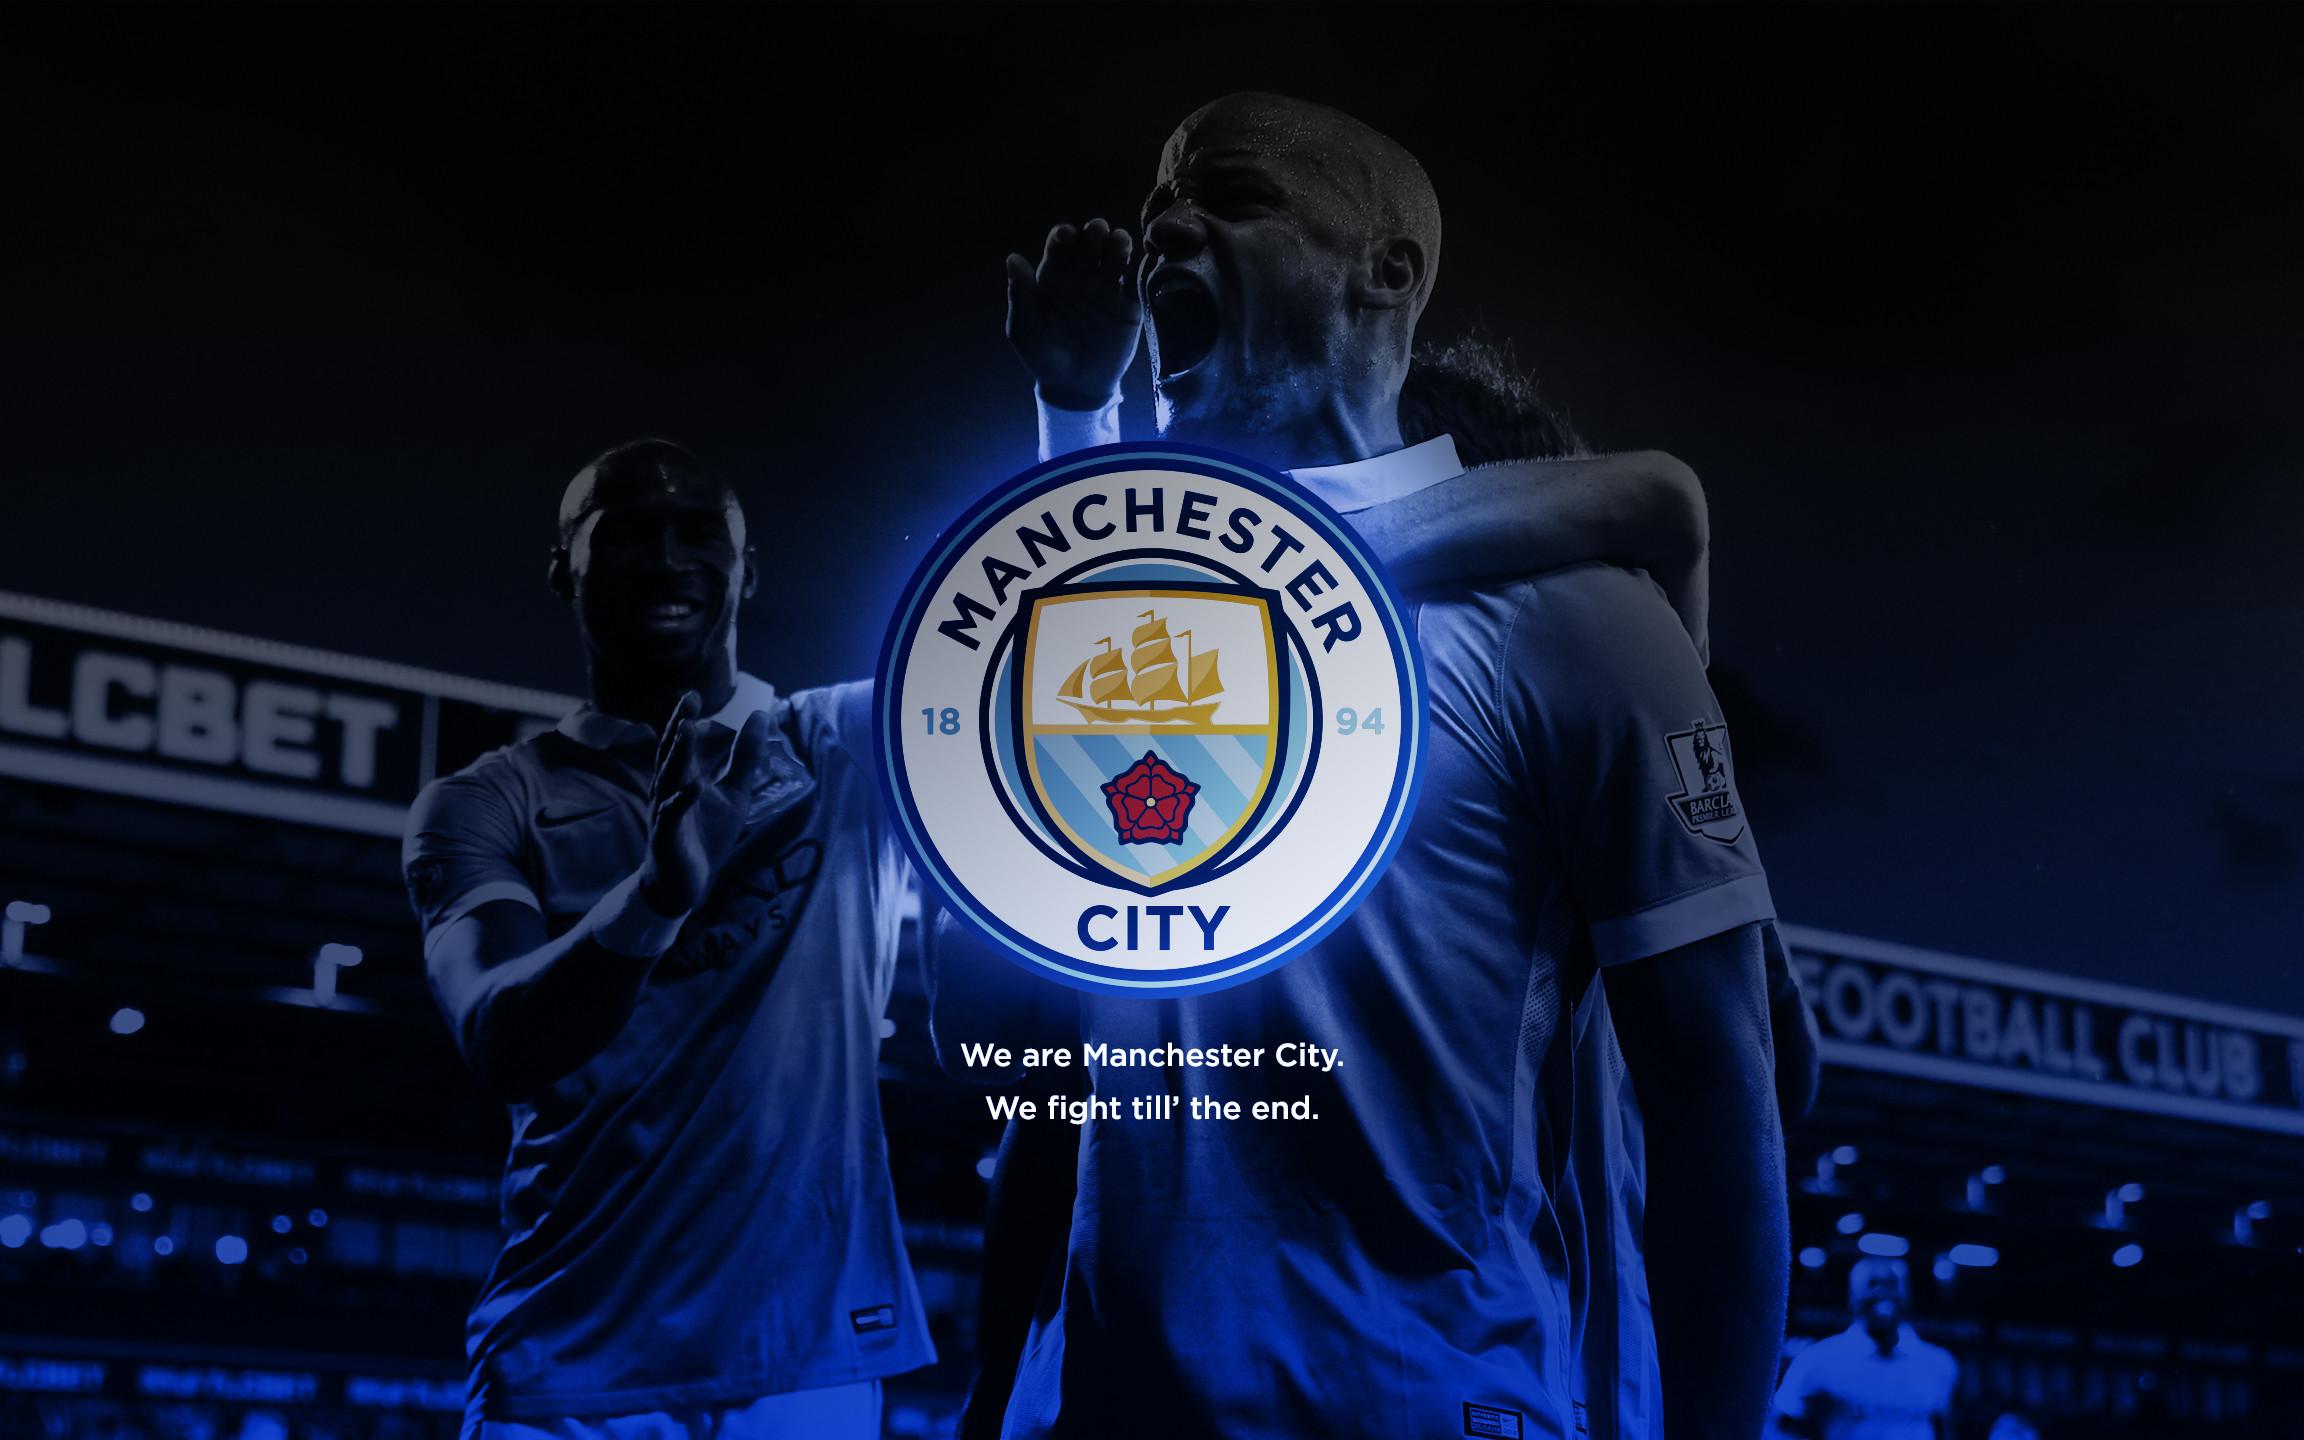 Manchester City Wallpaper 2017 Wallpaper Download 49: Manchester City Logo Wallpaper ·① WallpaperTag